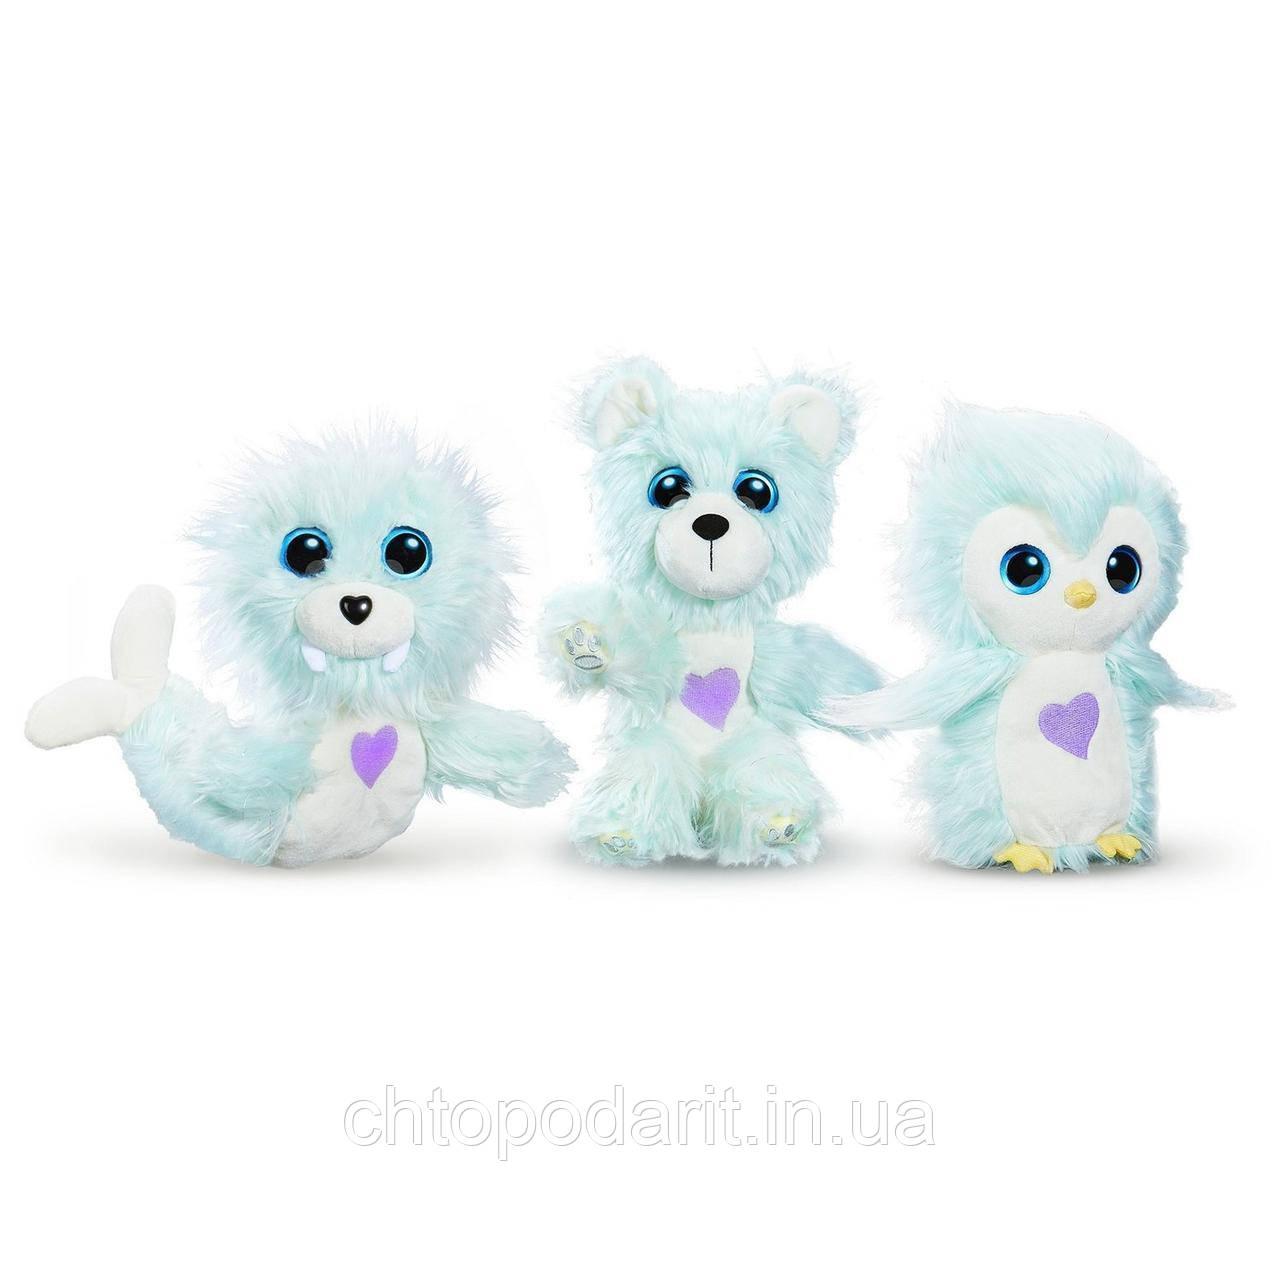 Пушистик потеряшка «Снежные друзья» игрушка сюрприз Scruff A Luvs Snow Pals Код 12-2296